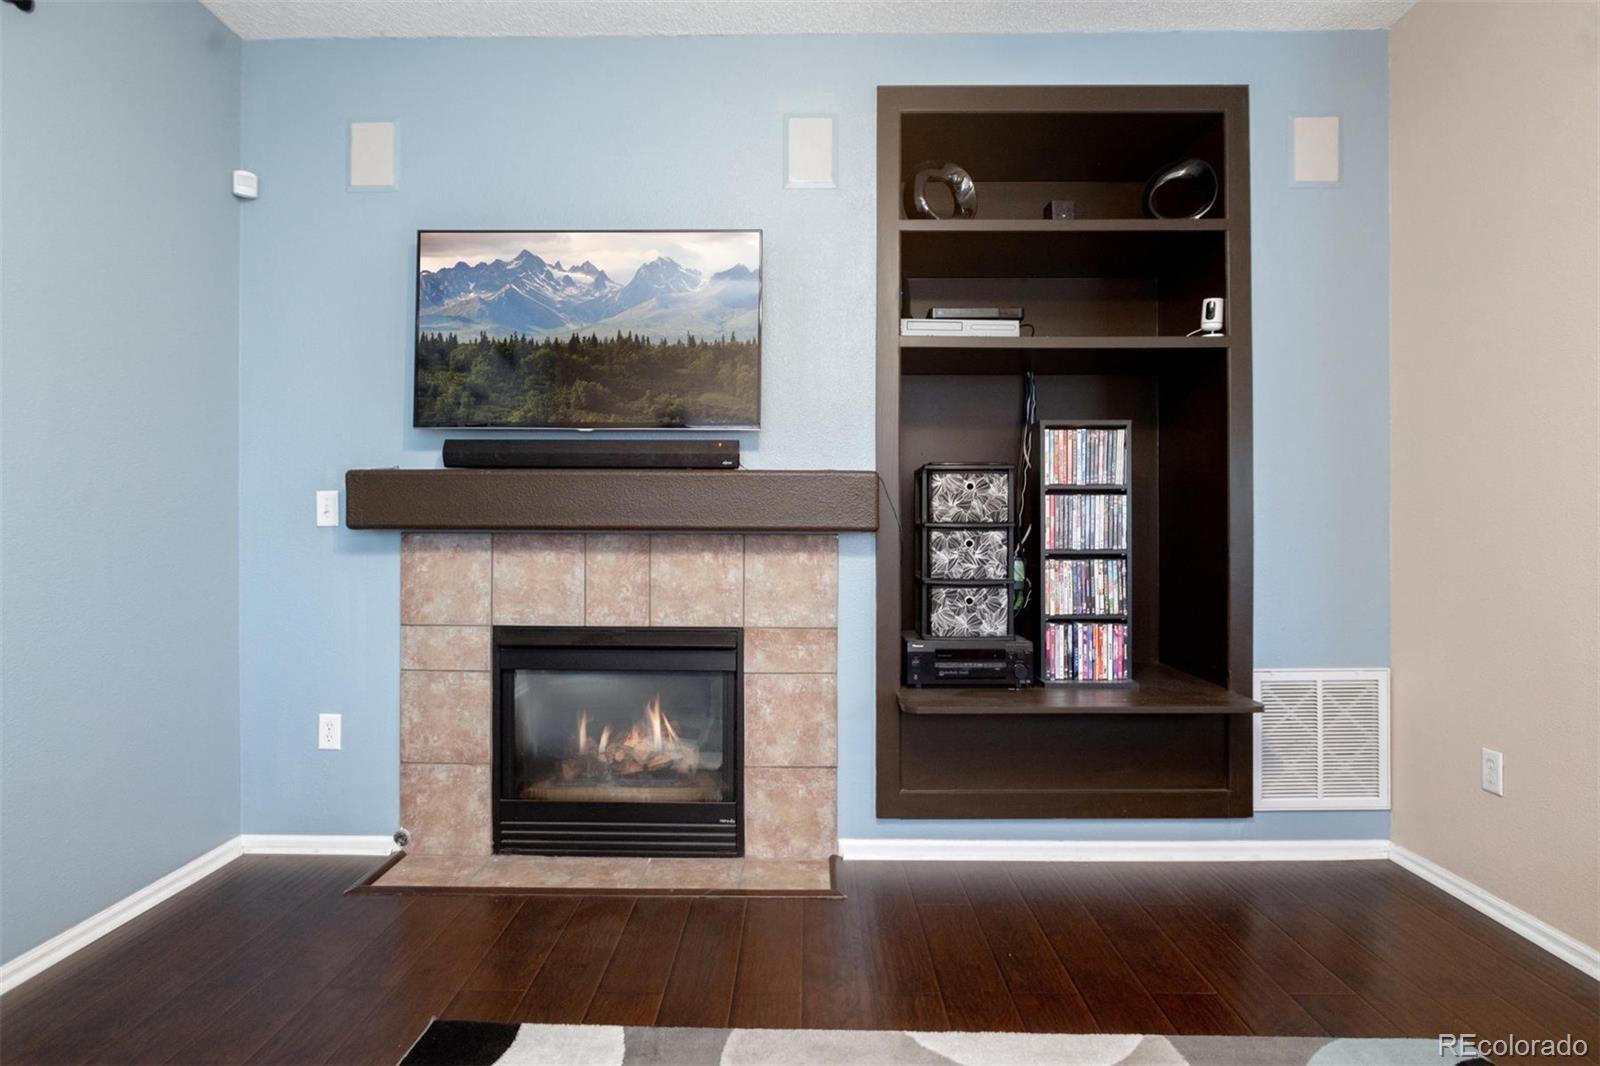 MLS# 8142011 - 10 - 19342 E 58th Place, Aurora, CO 80019